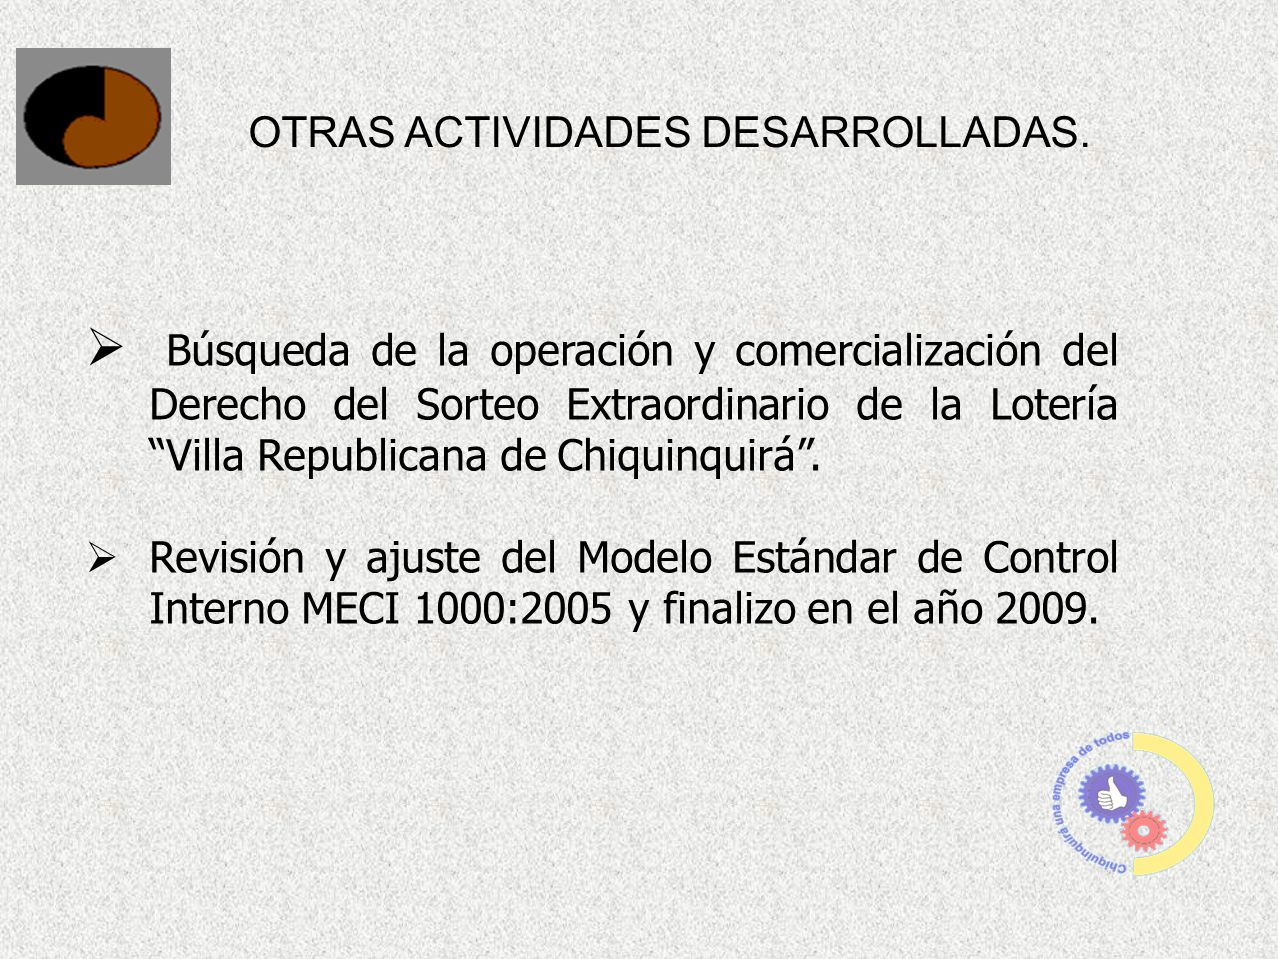 OTRAS ACTIVIDADES DESARROLLADAS.